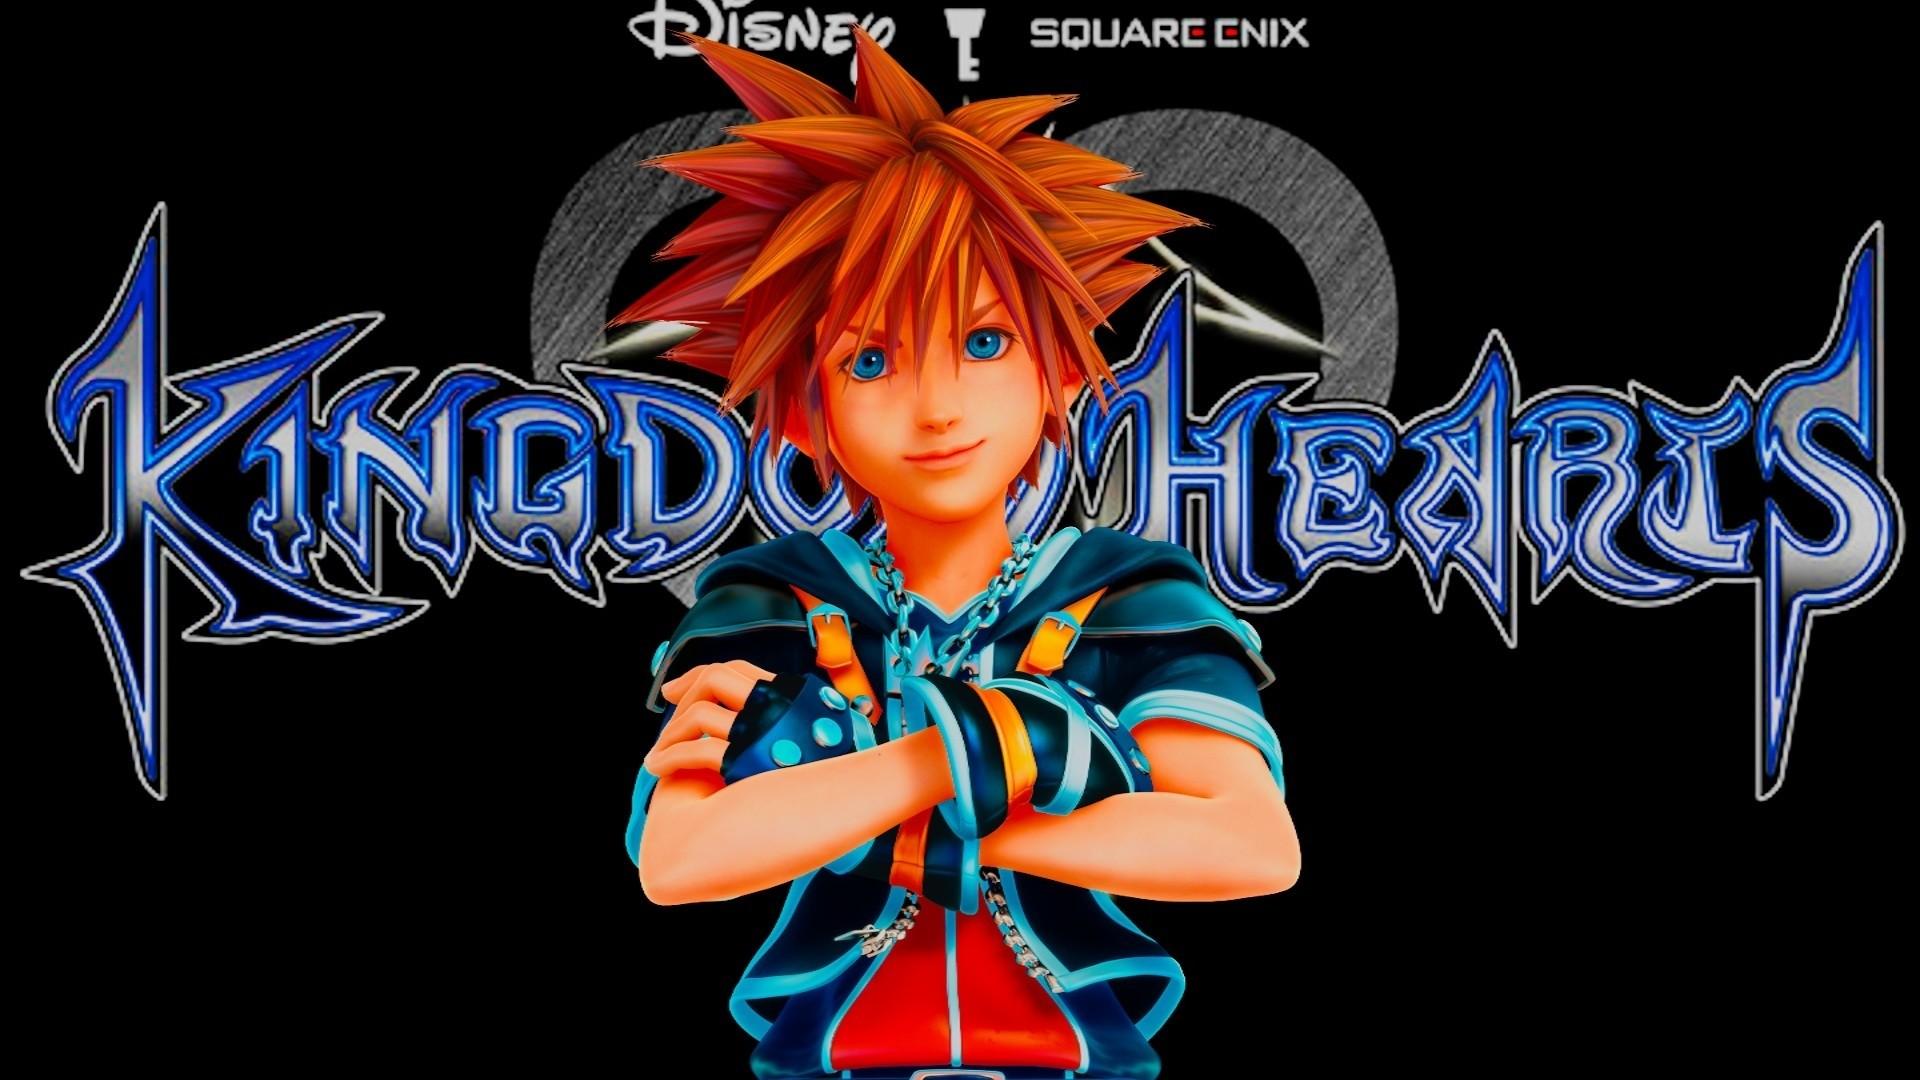 Kingdom Hearts 3 computer wallpaper